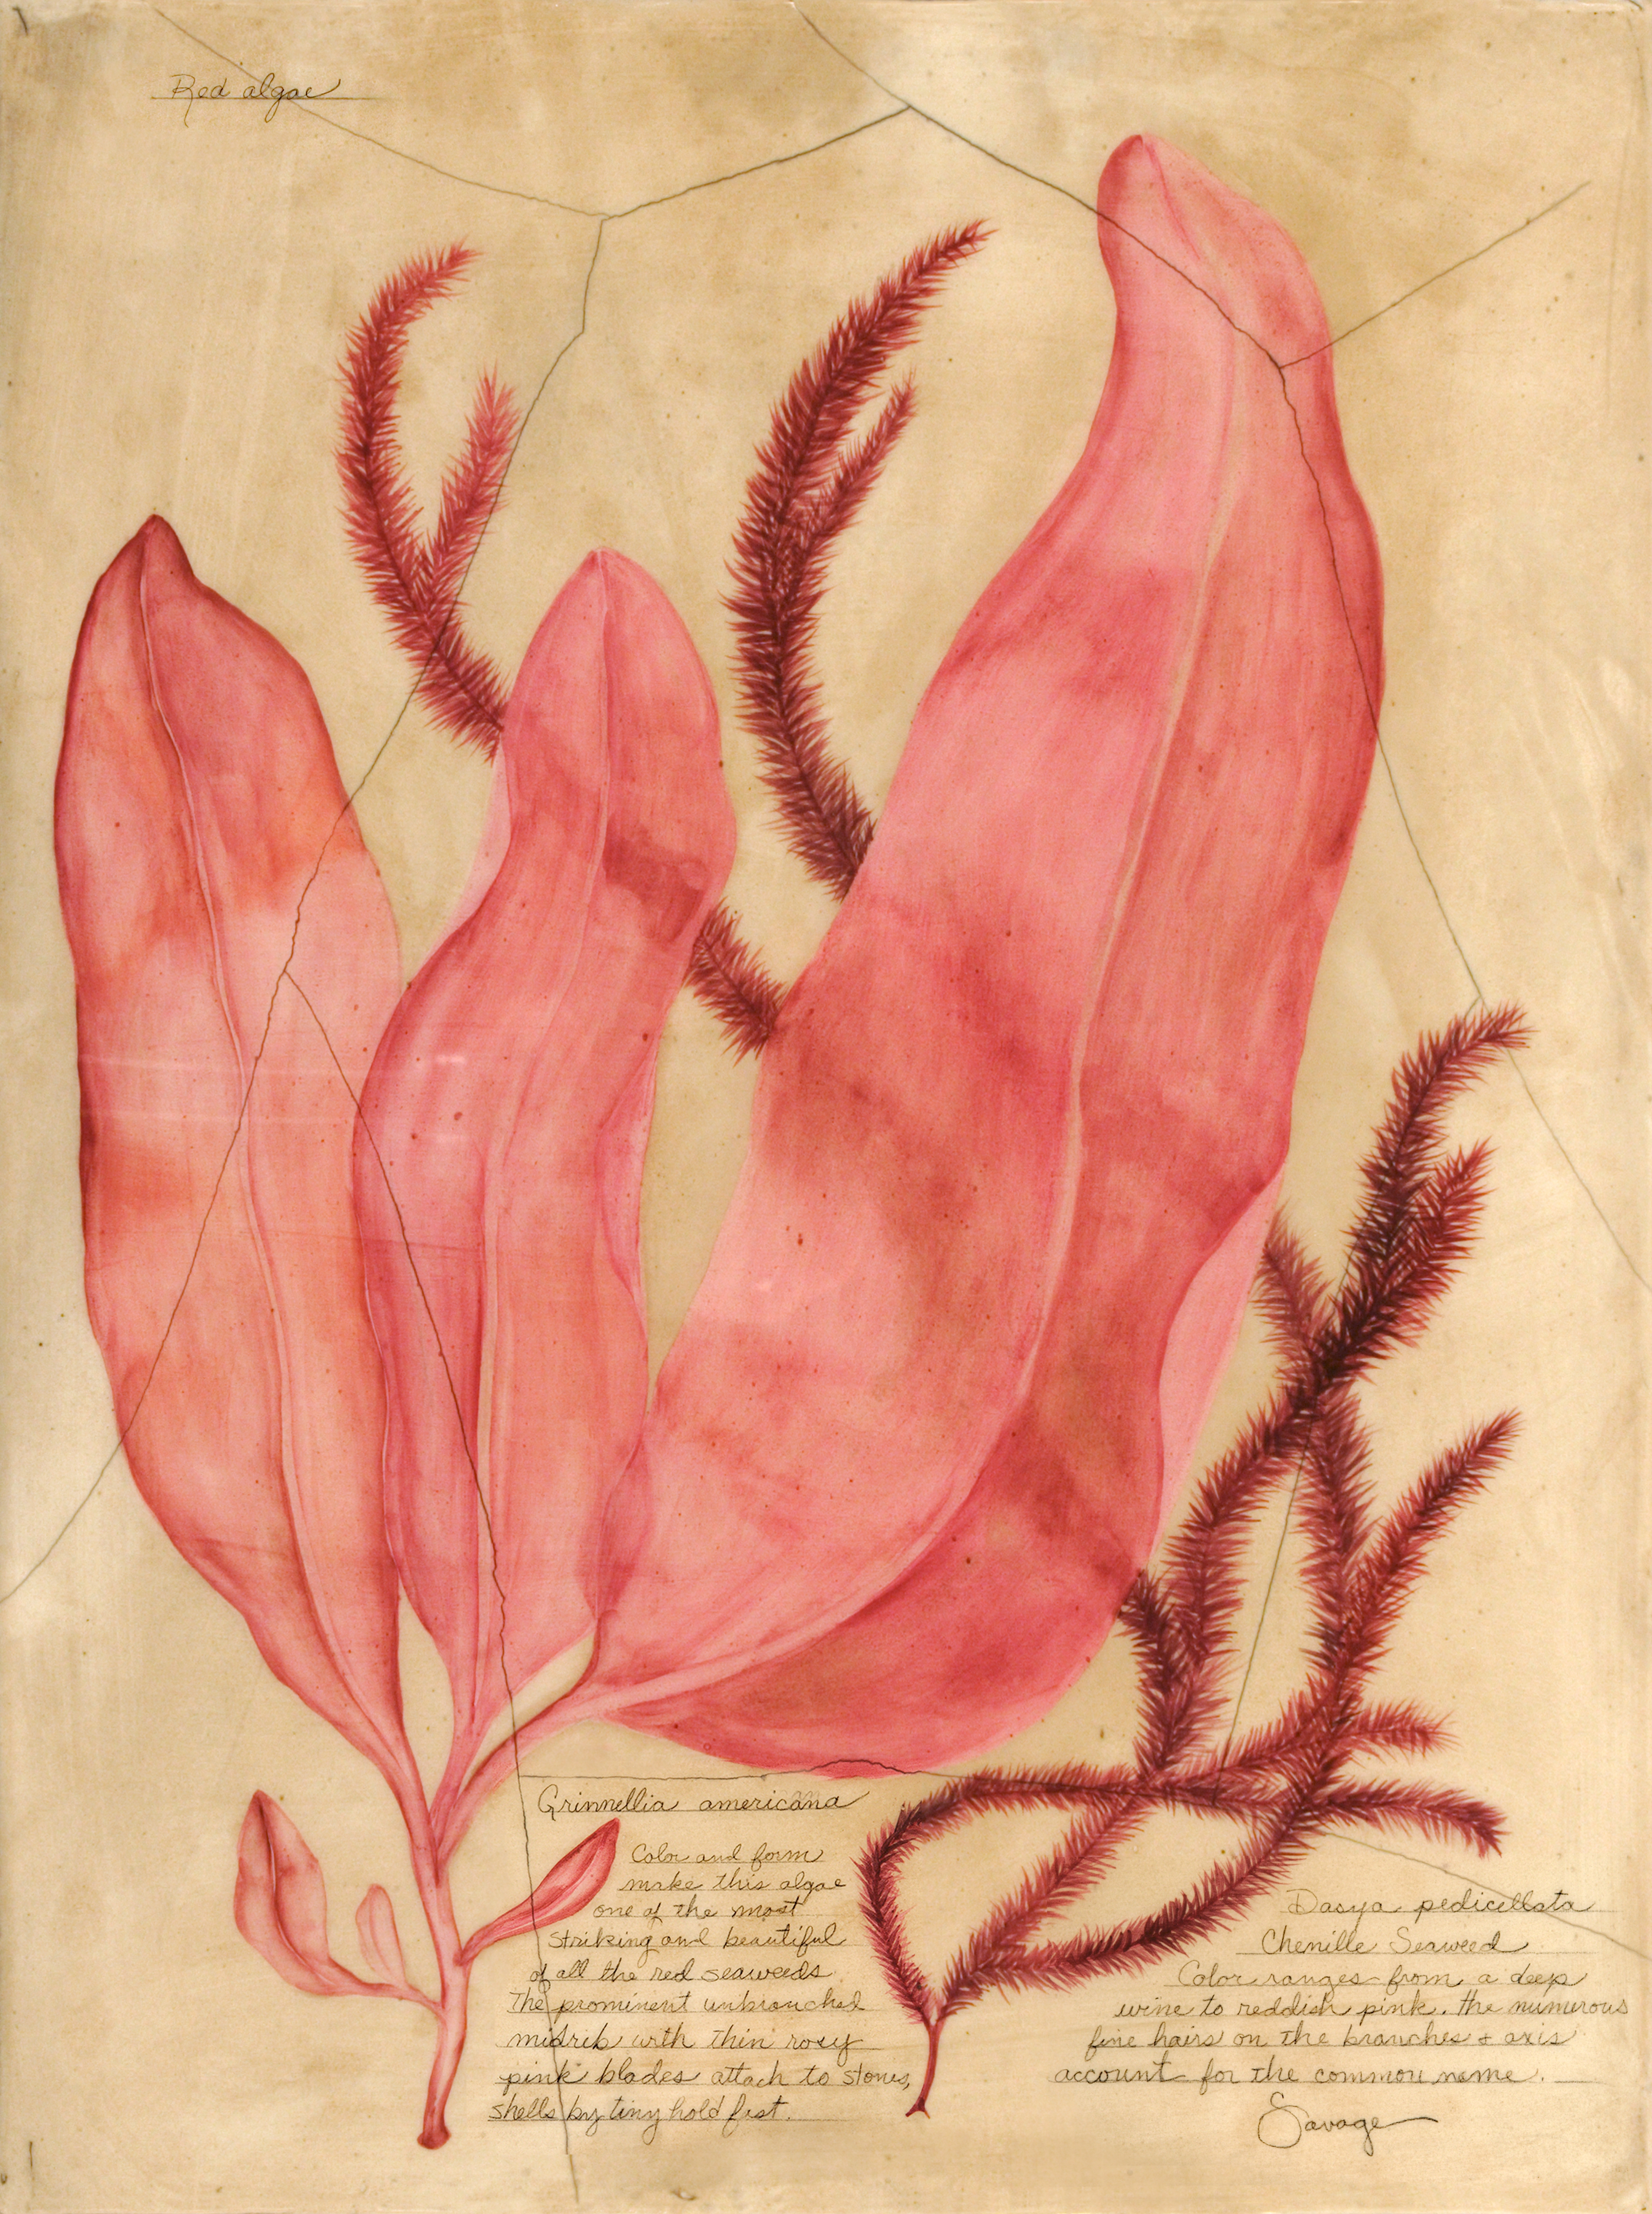 Red Algae & Chenille